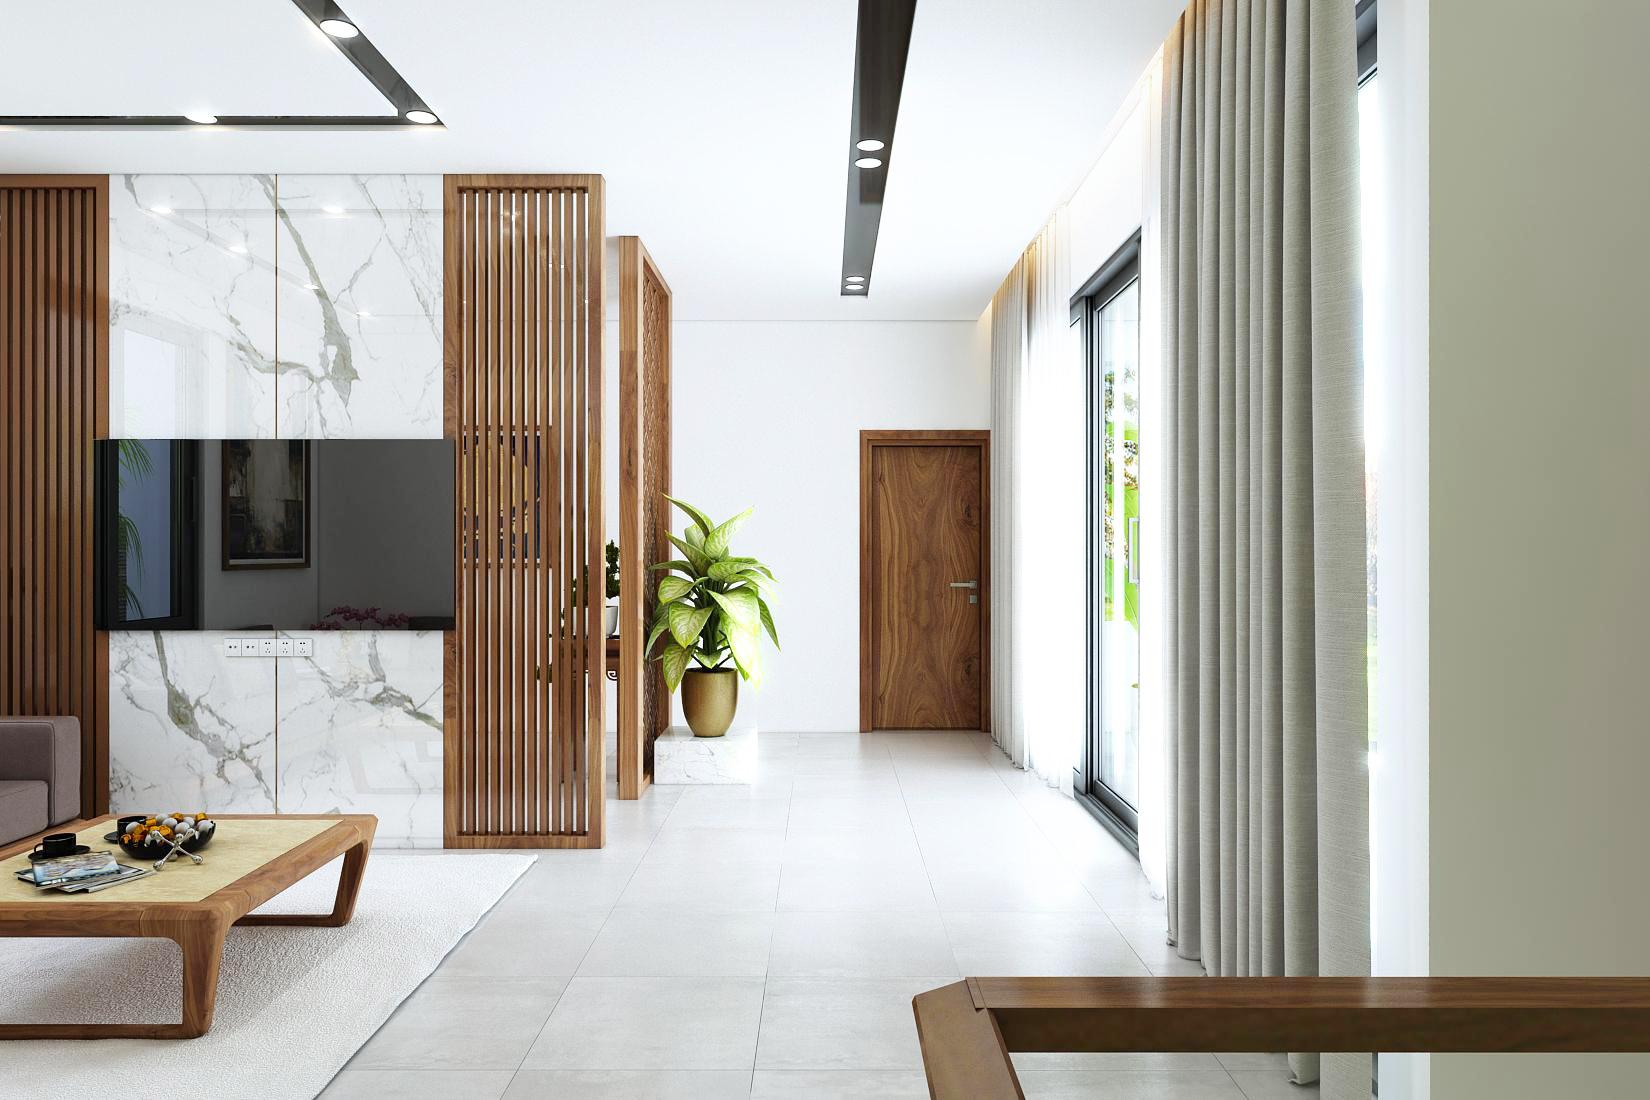 Thiết kế nội thất Biệt Thự tại Ninh Bình Biệt thự Ninh Bình 1600149402 8